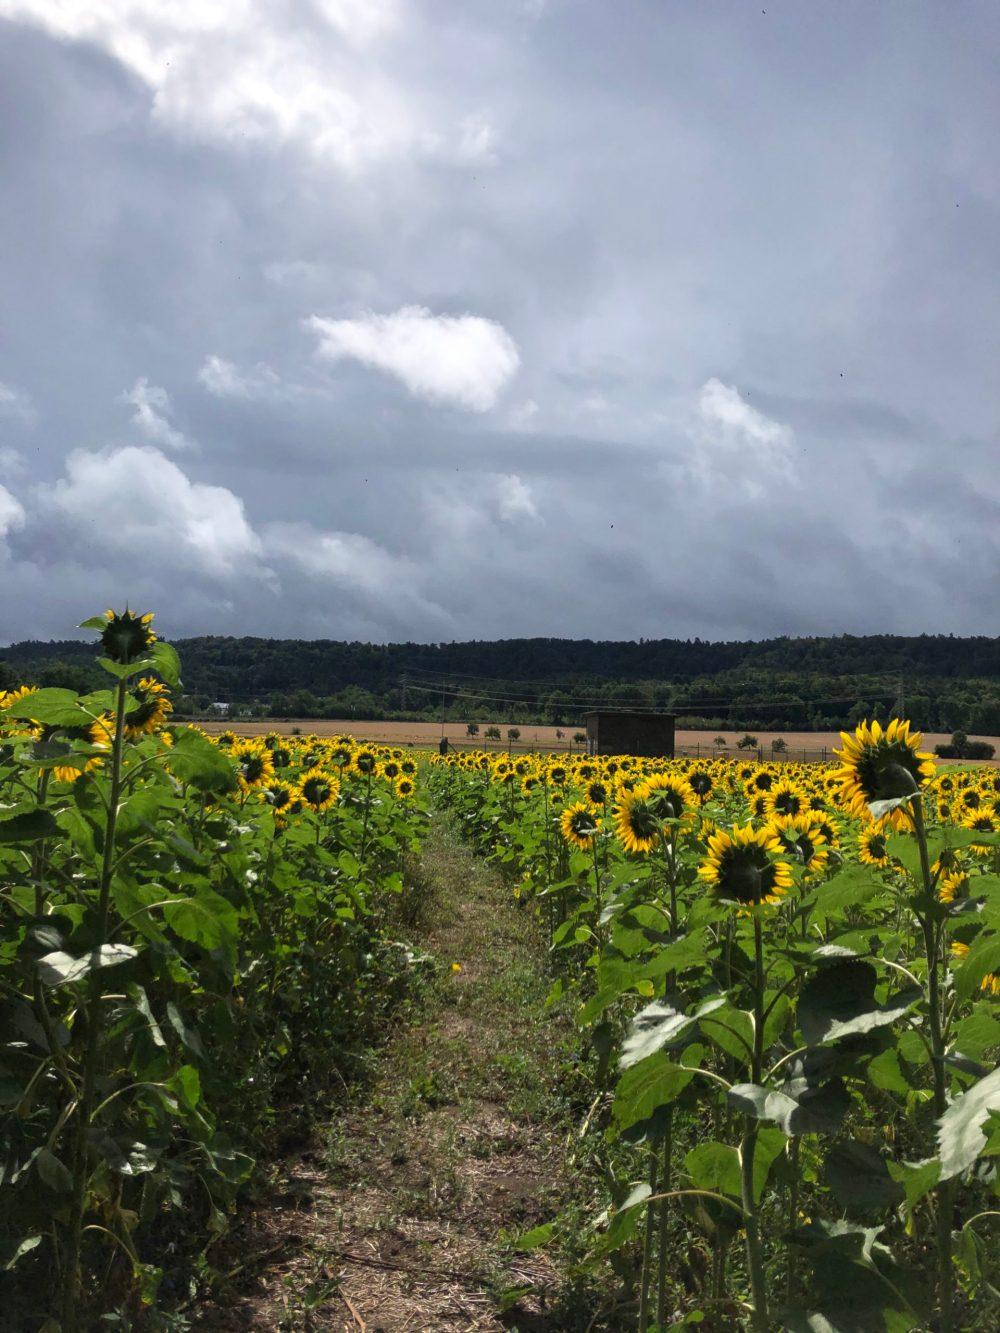 Weg durchs Sonnenblumenfeld